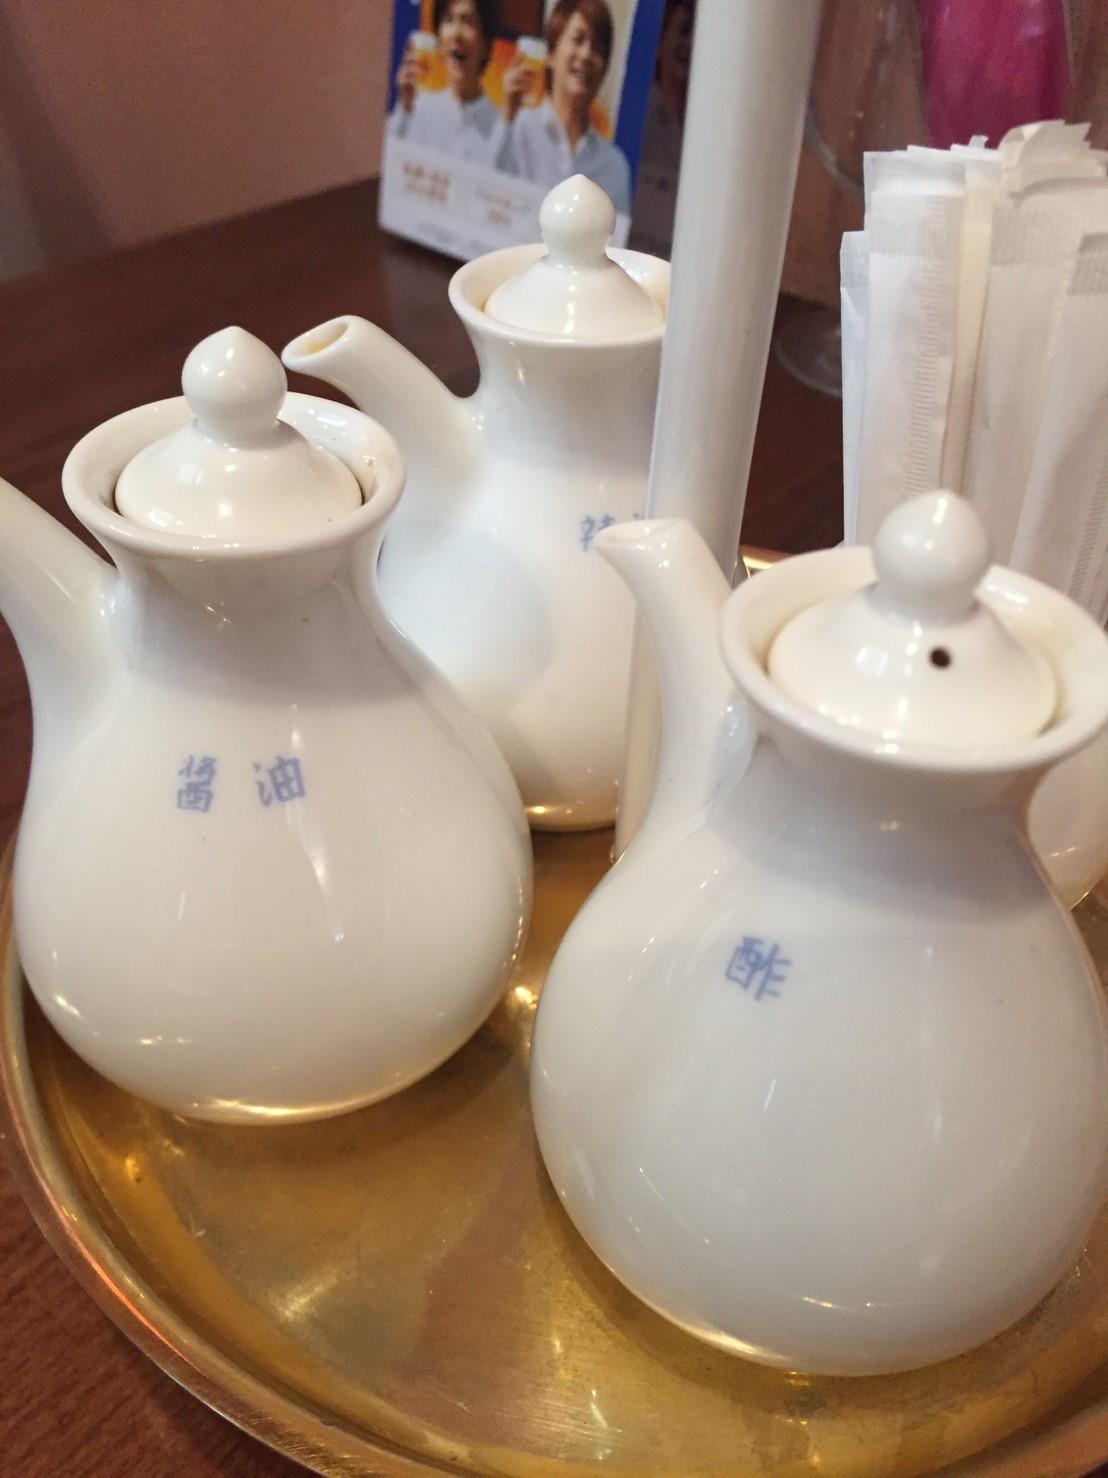 中国料理 銀座四川 壽桃  閉店アナウンス_e0115904_14541525.jpg